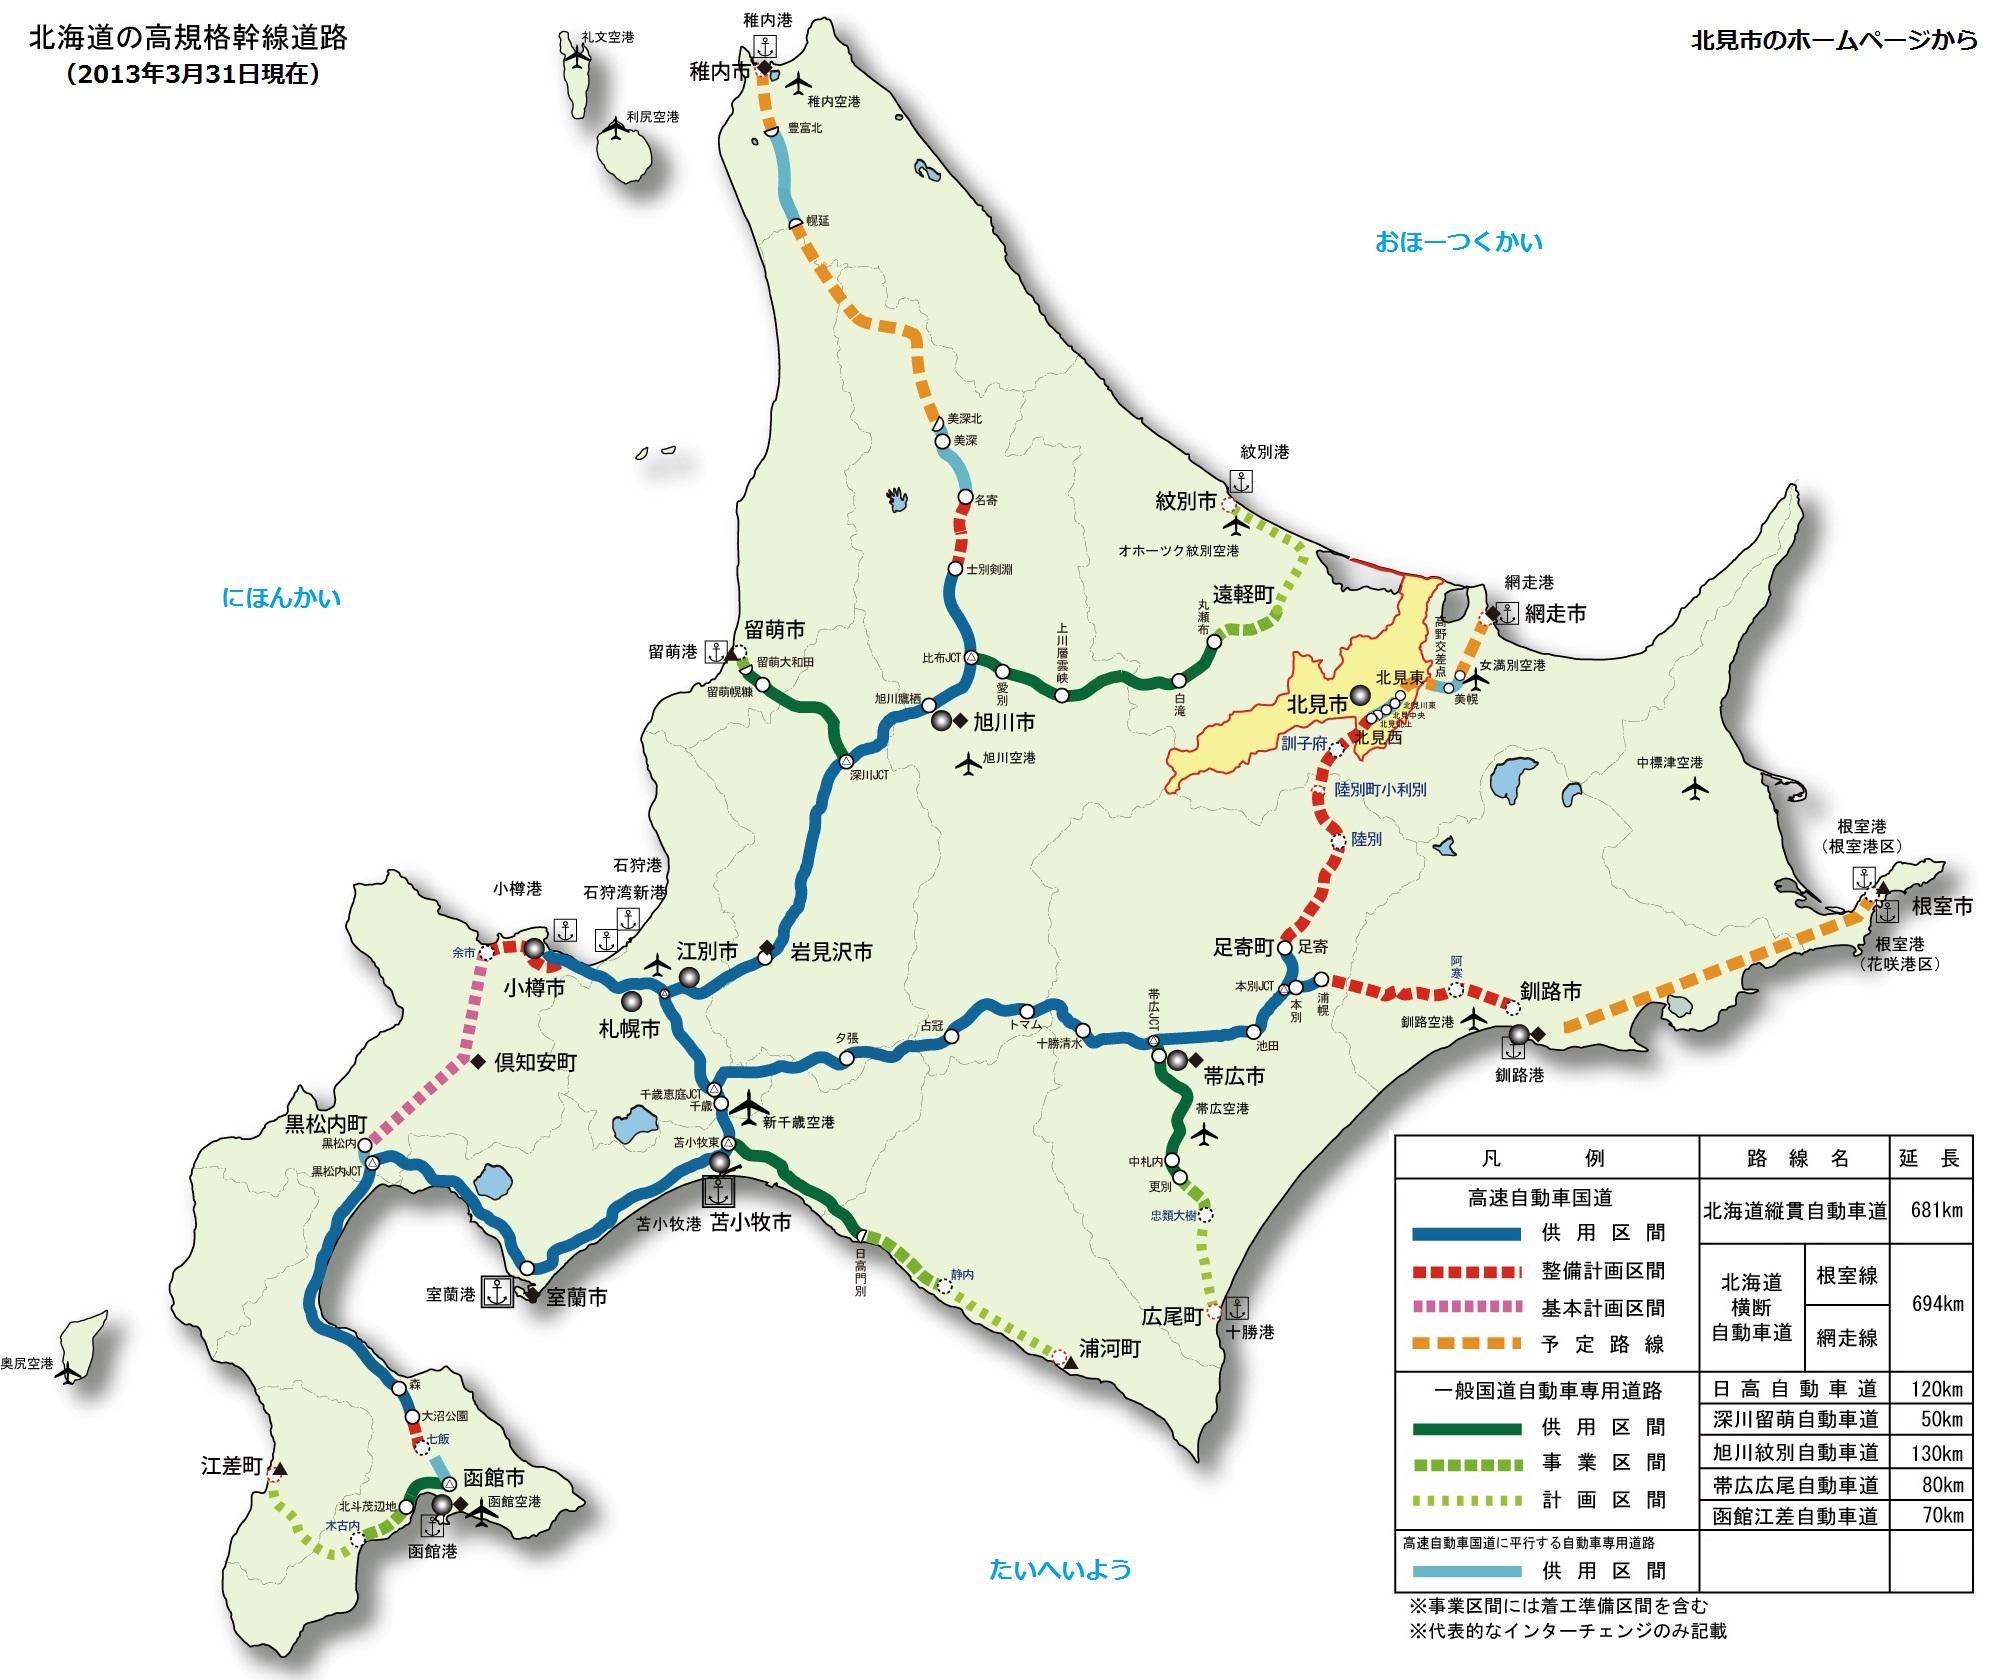 北海道の高規格幹線道路 - 2013.3.31 現在